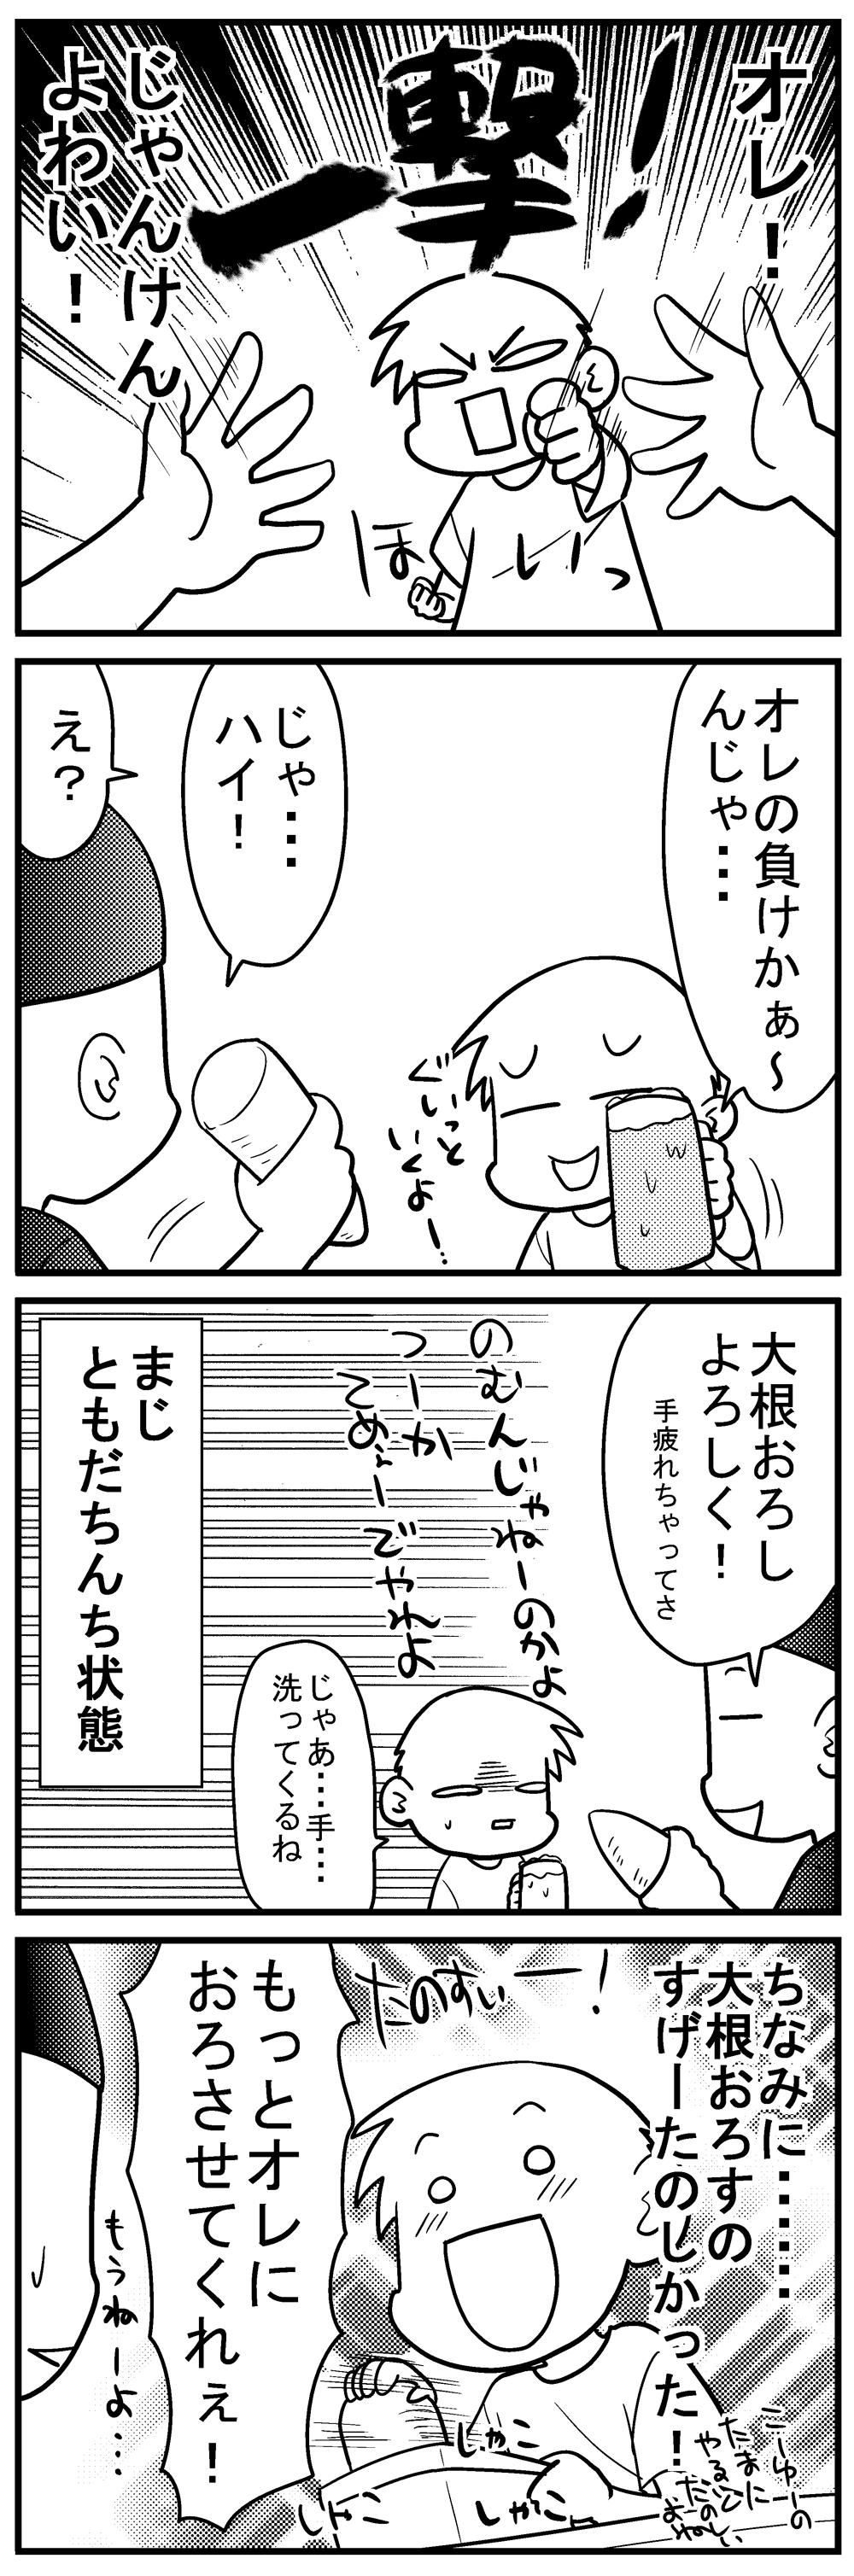 深読みくん57-4